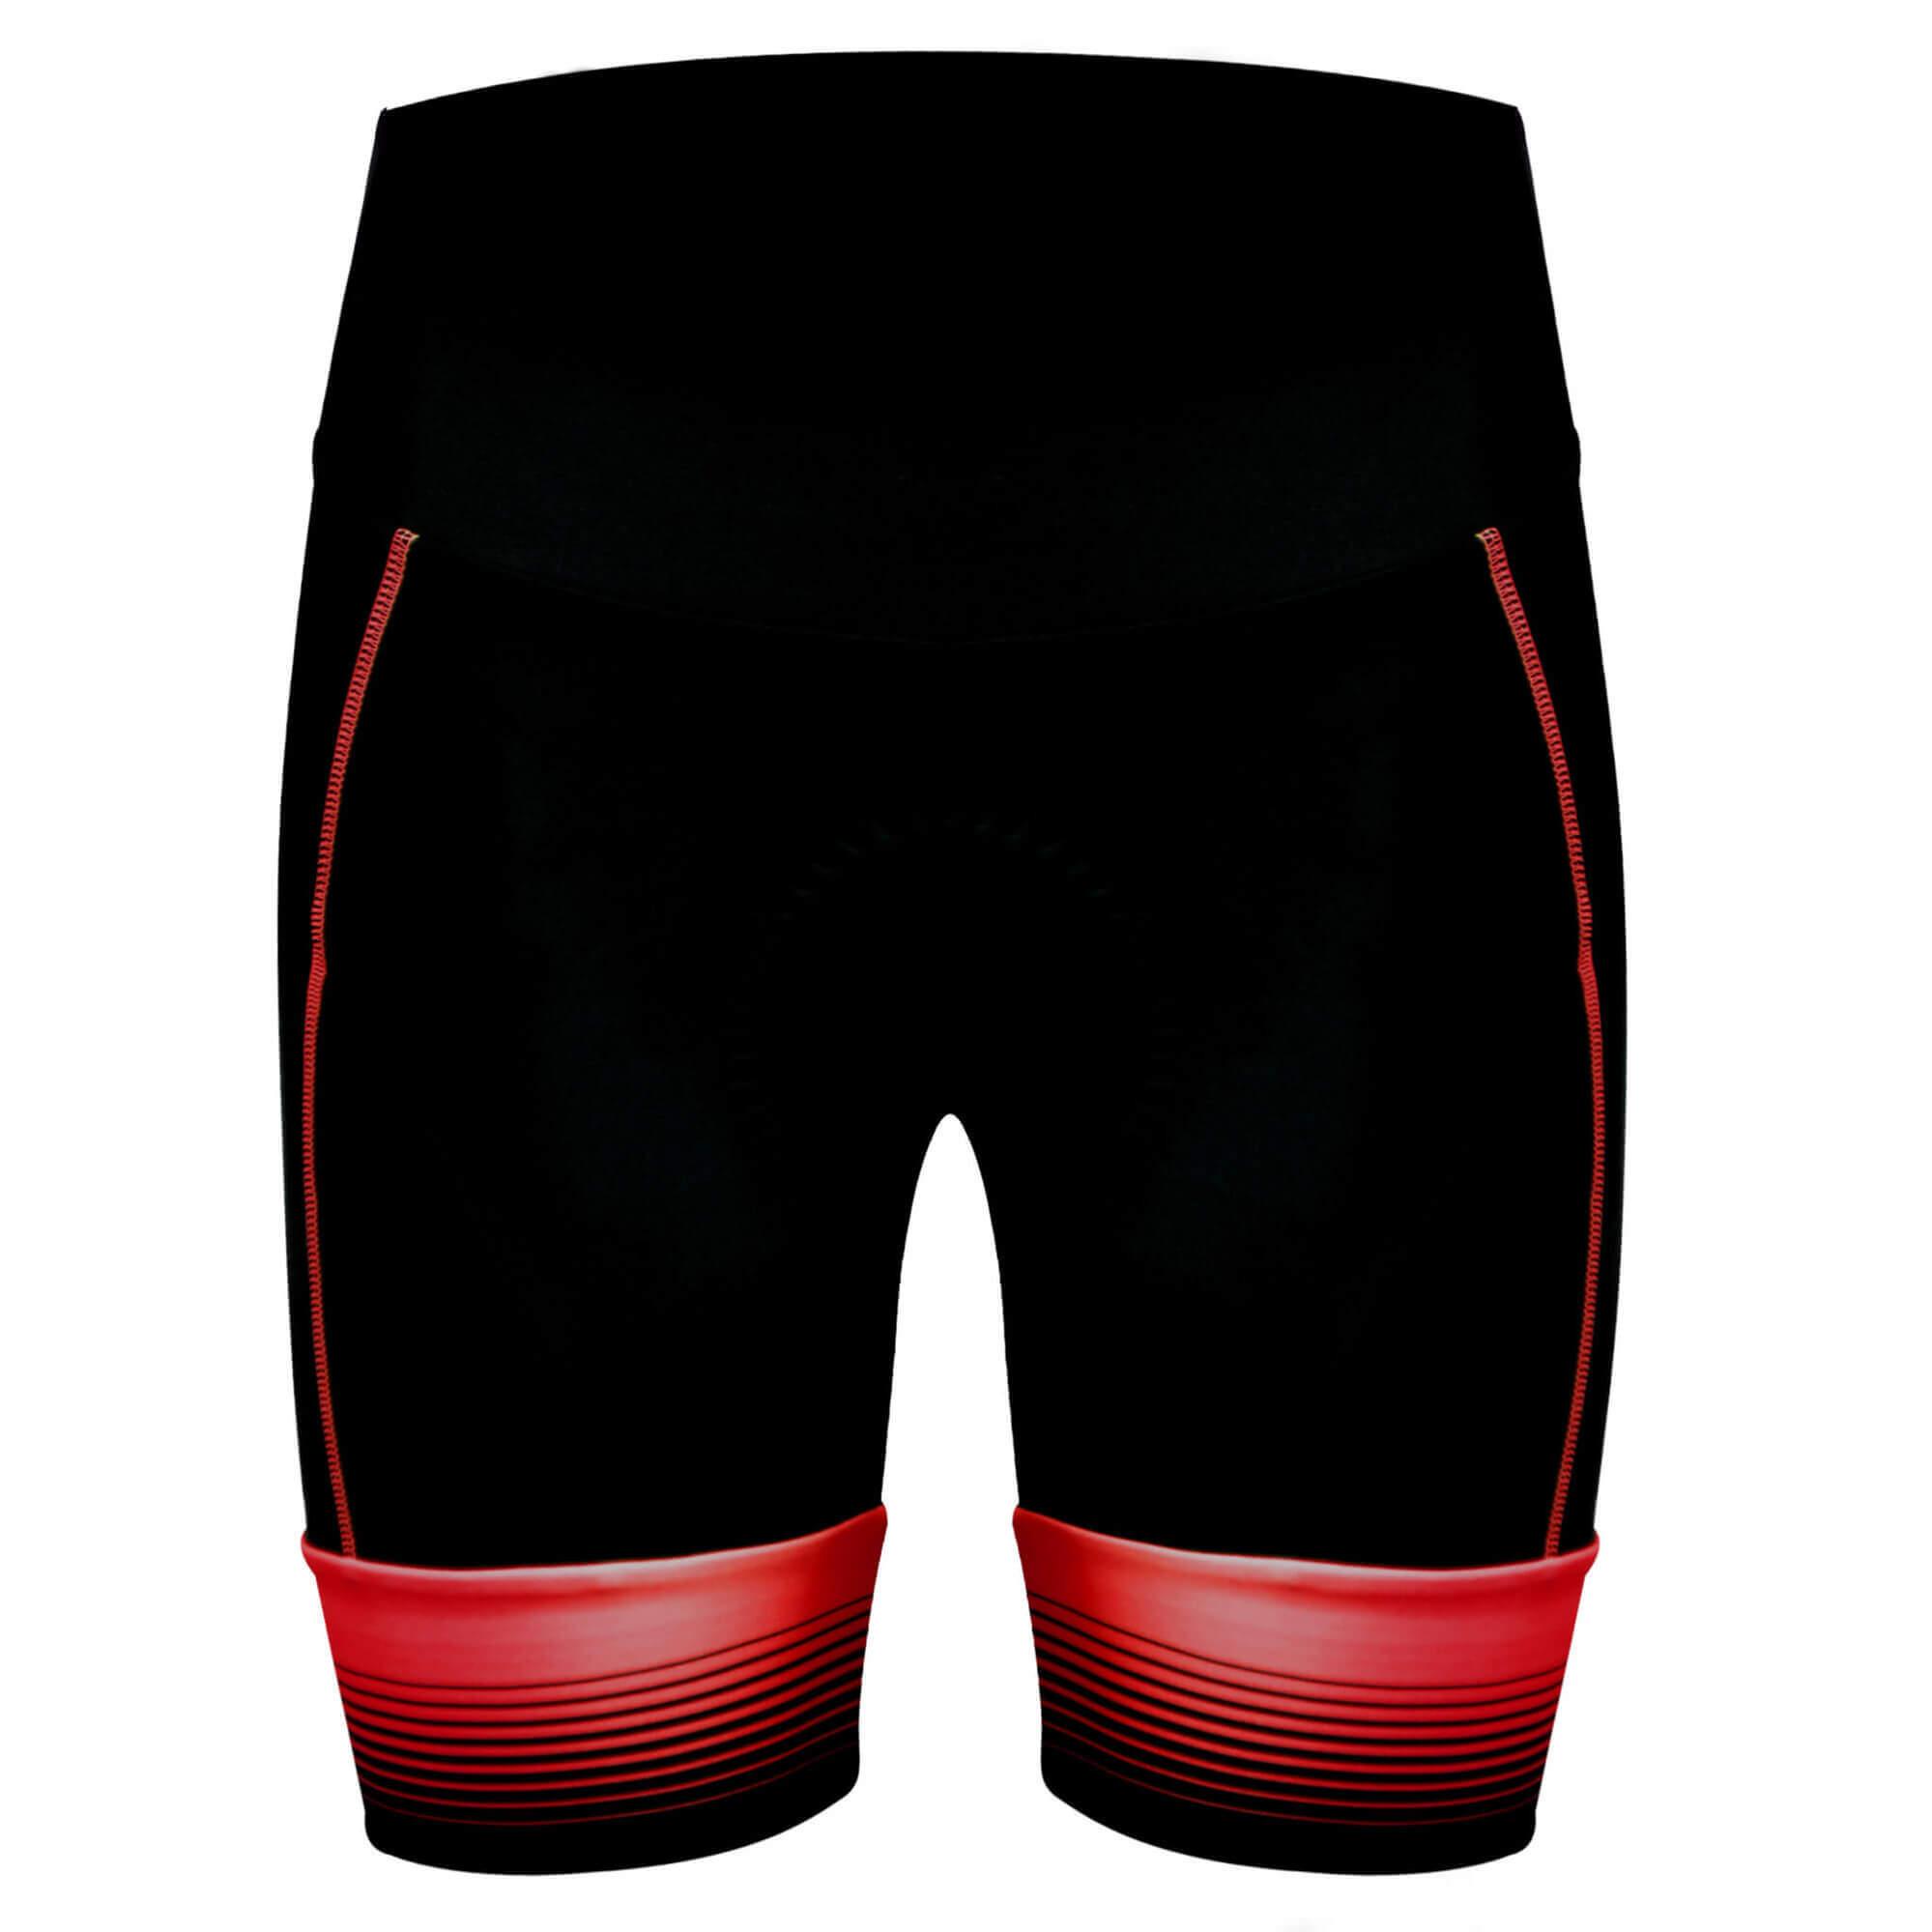 8140401a2 Women Pro shorts S-120 - Funkier Bike